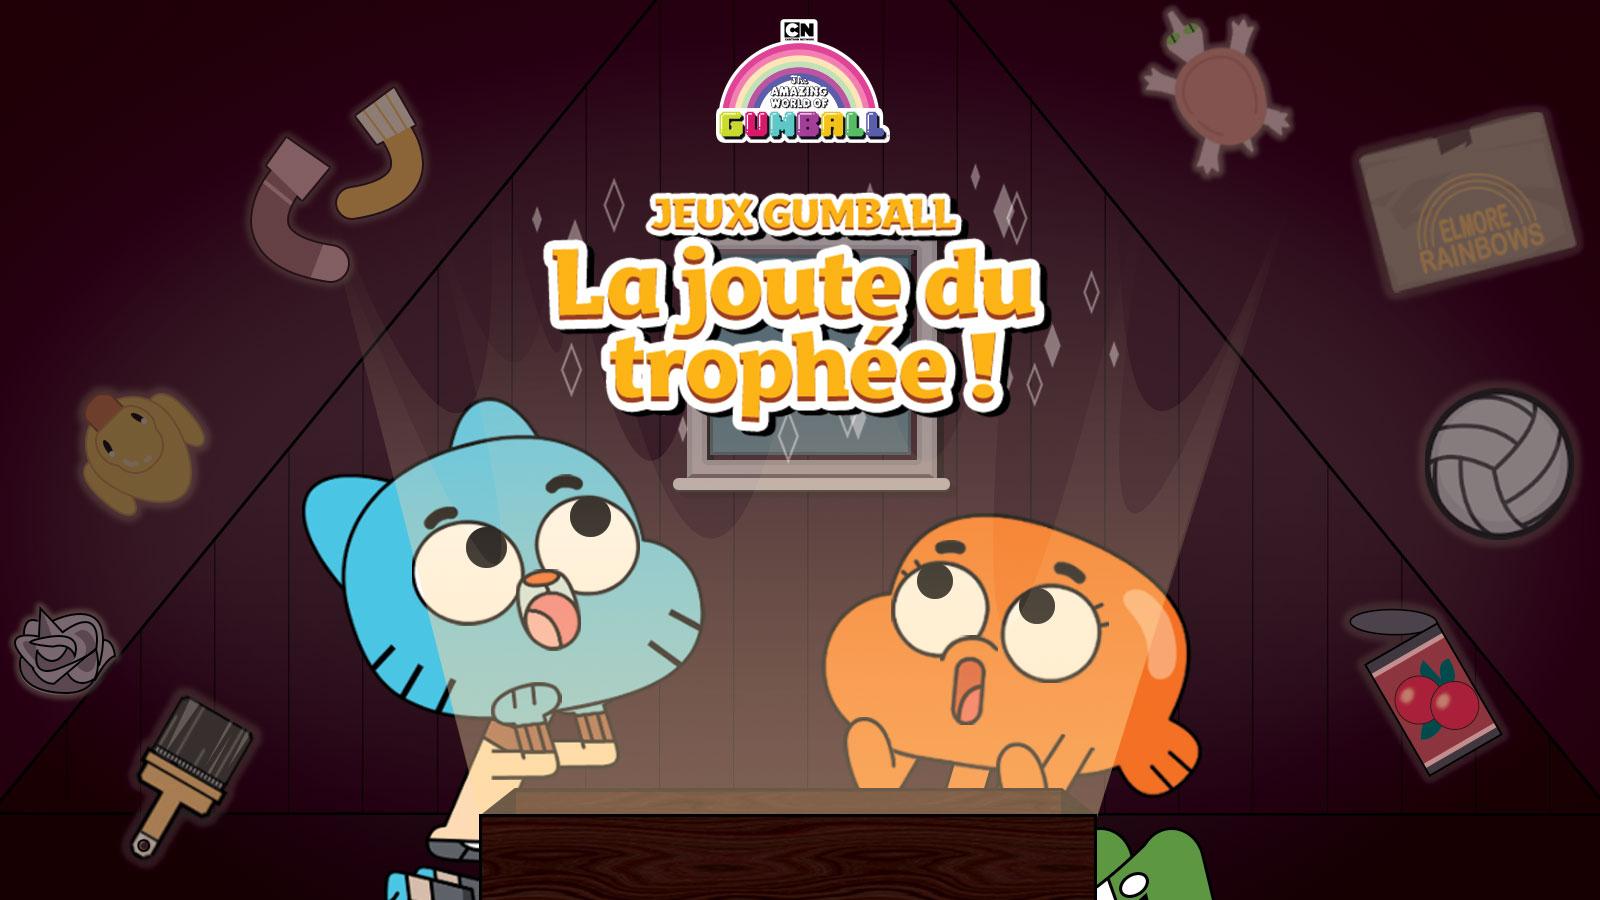 Jeux En Ligne Gratuit | Jeux Pour Grands Enfants | Cartoon à Tous Les Jeux Gratuits De Fille